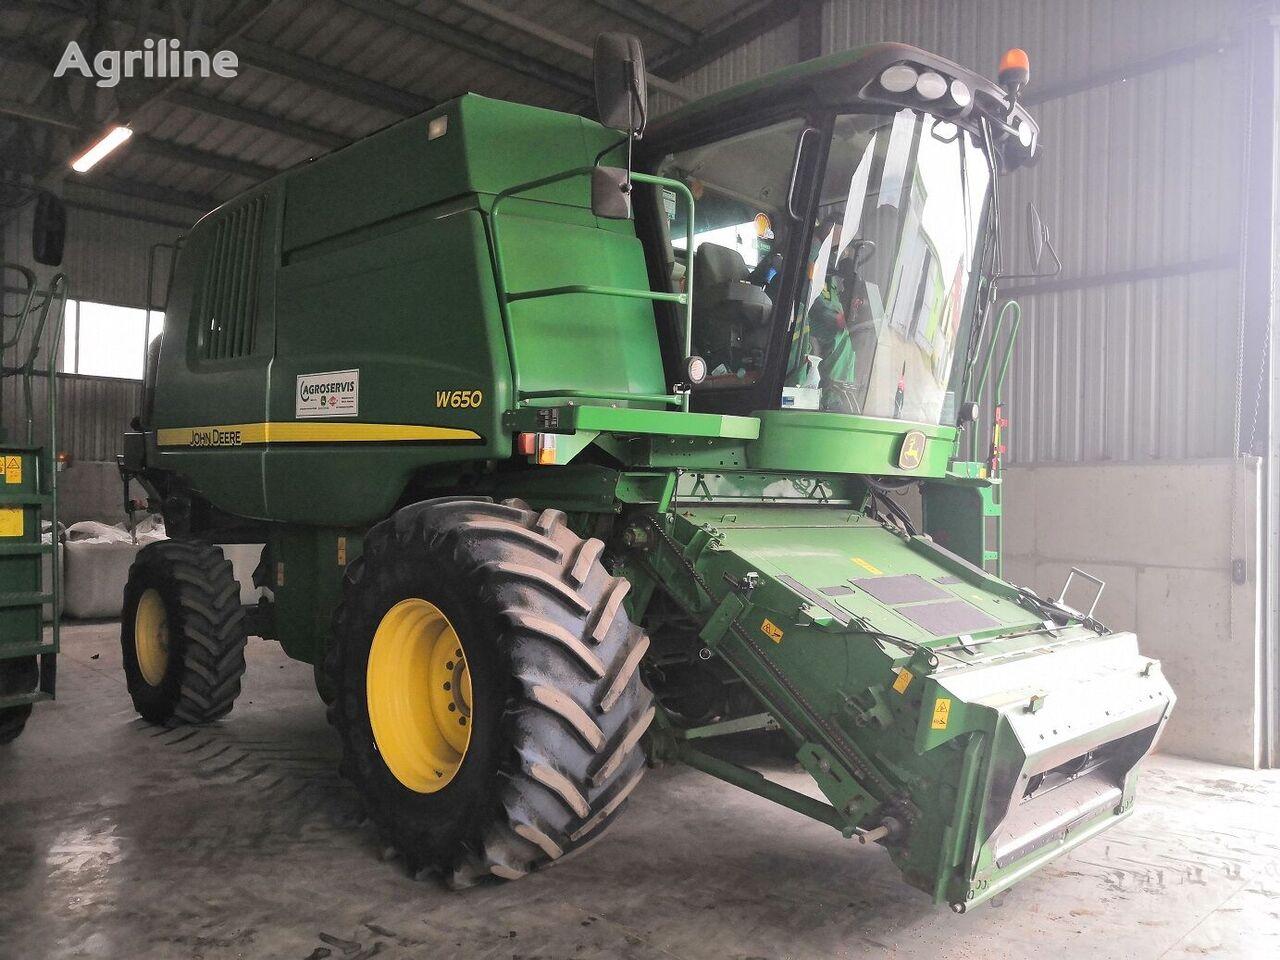 JOHN DEERE W650 grain harvester